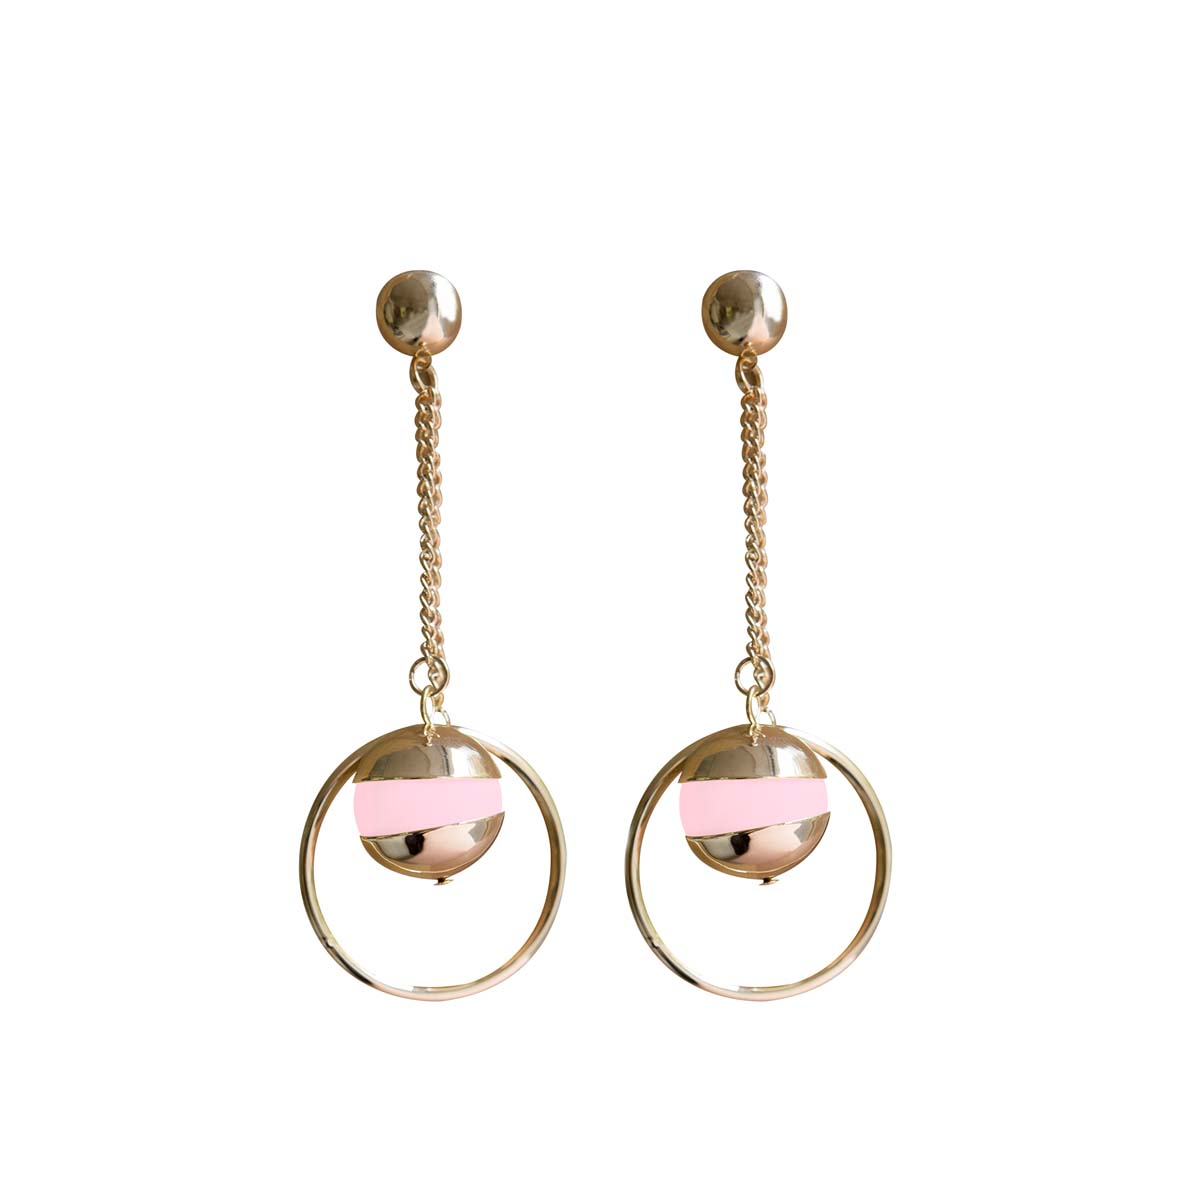 Teria Yabar - Pendientes largos de aro y perla rosa